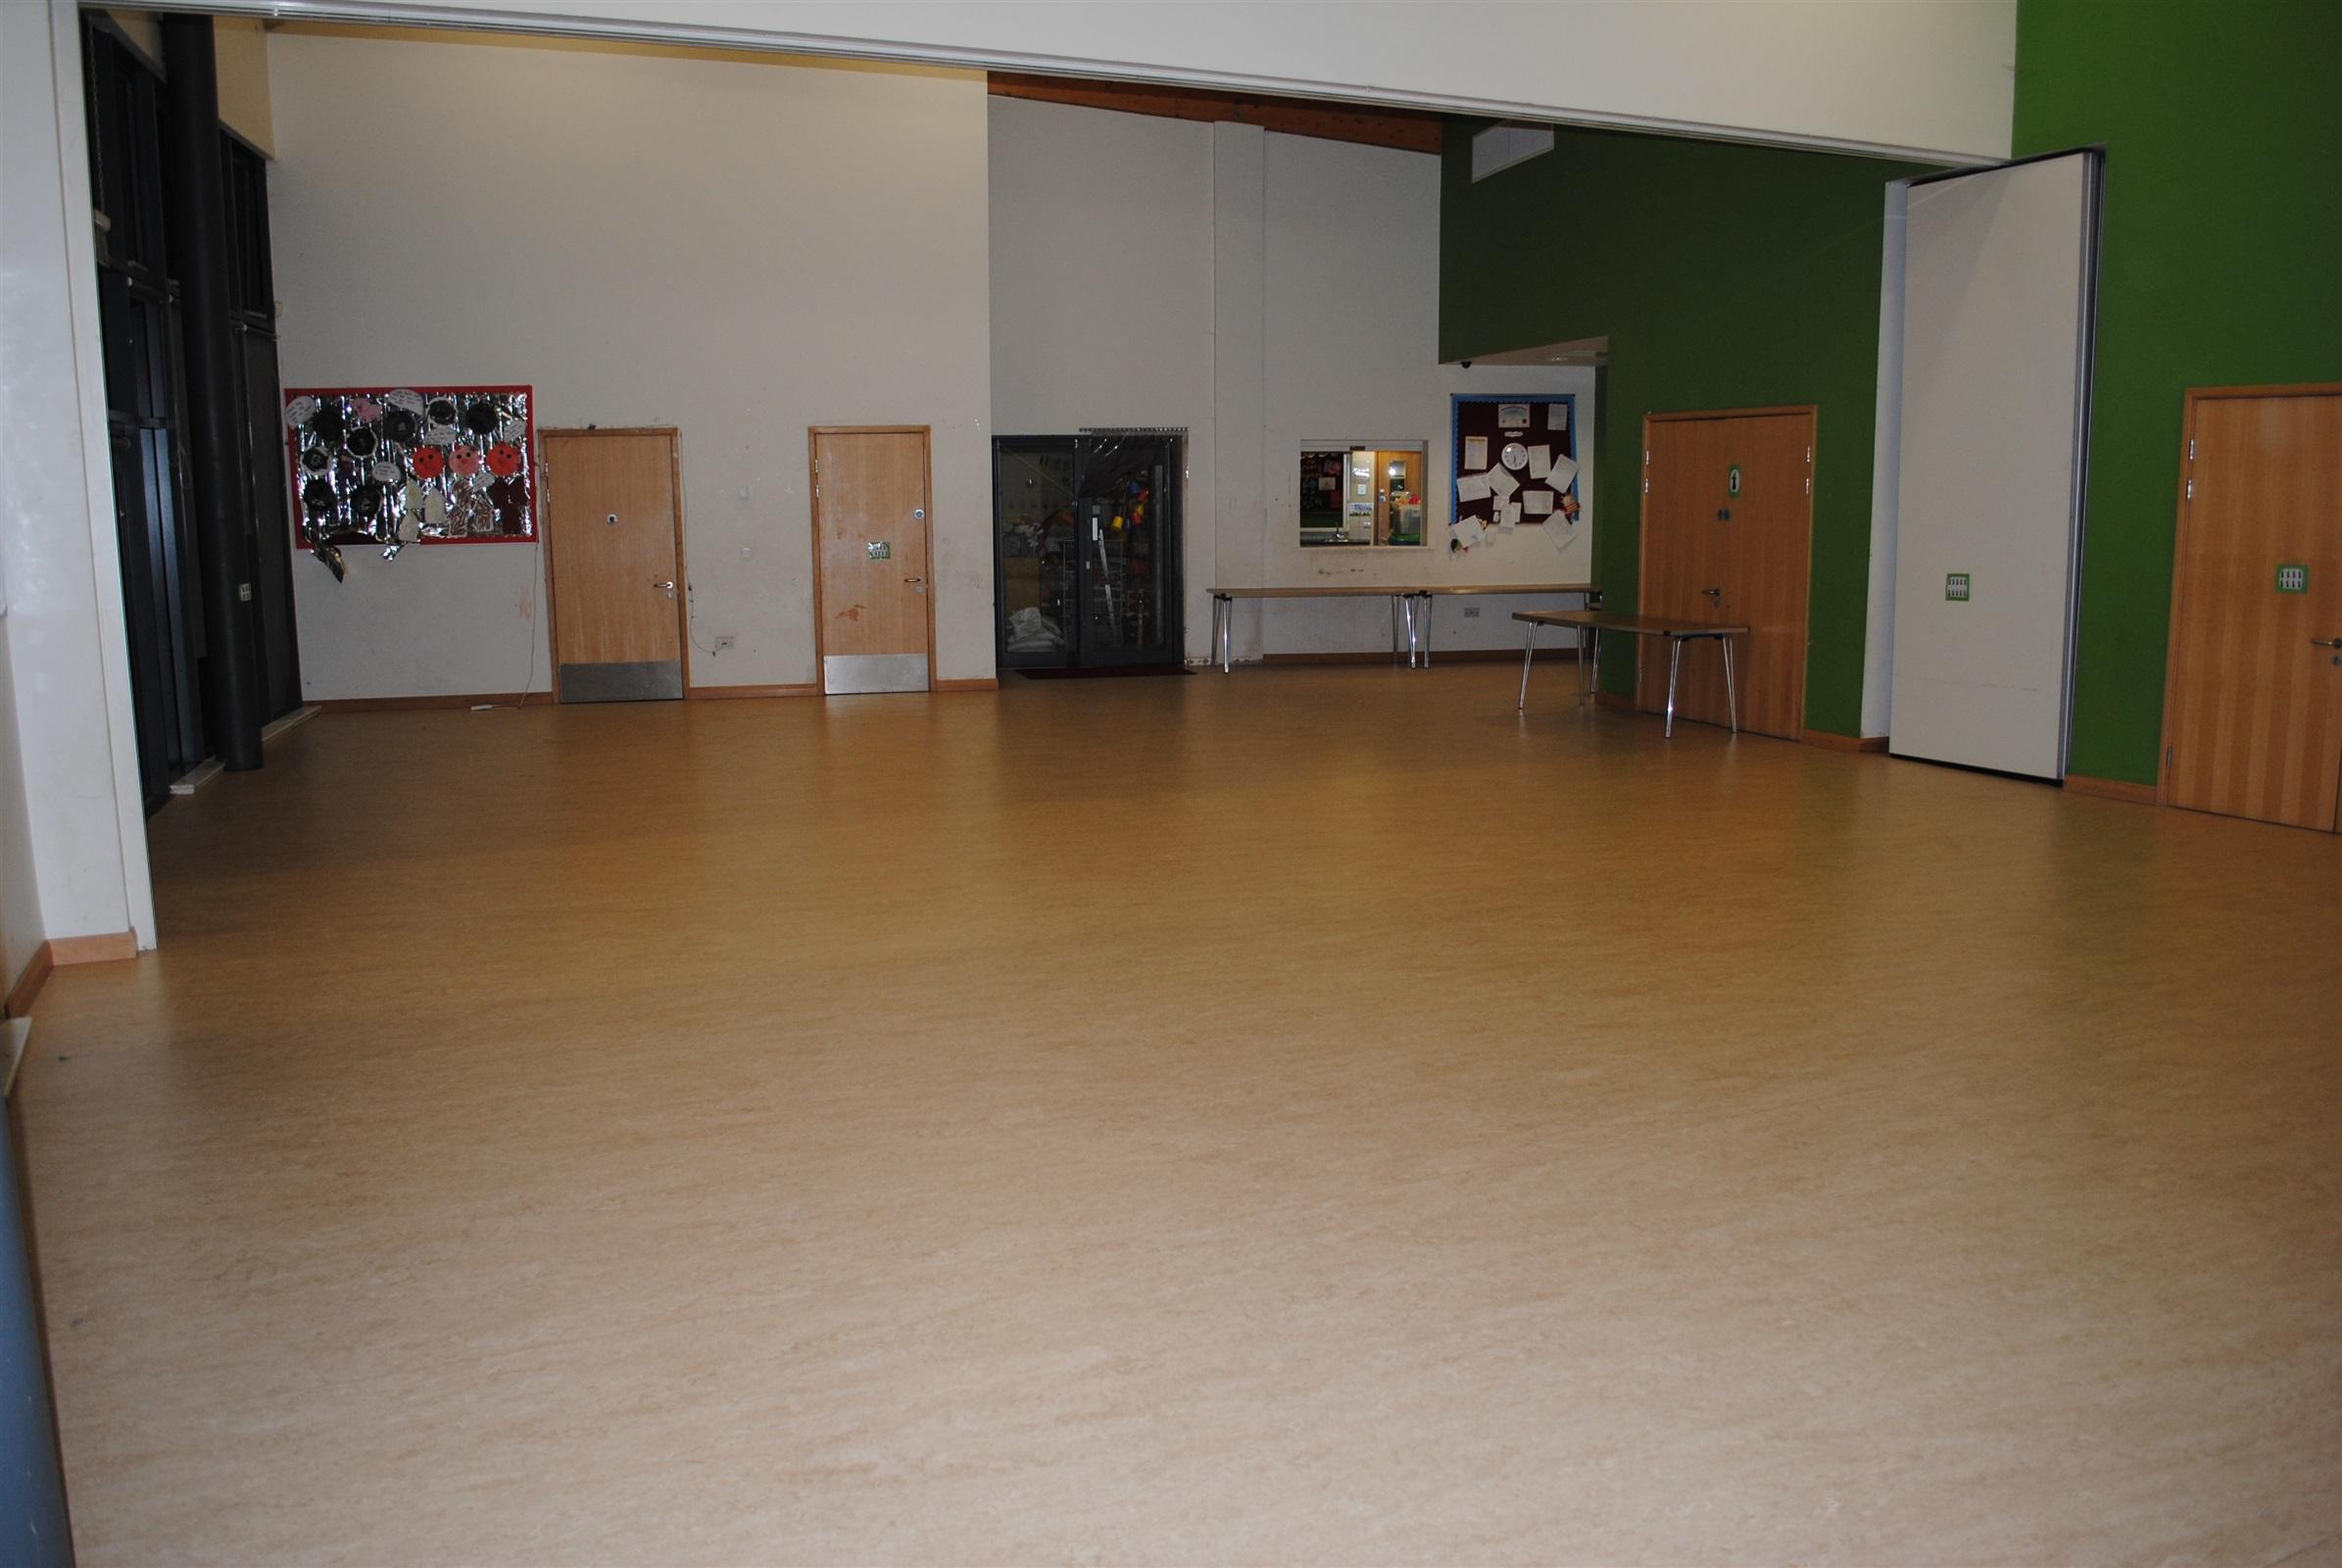 Rooksdown Community Centre Jv Bouncy Castle Hire